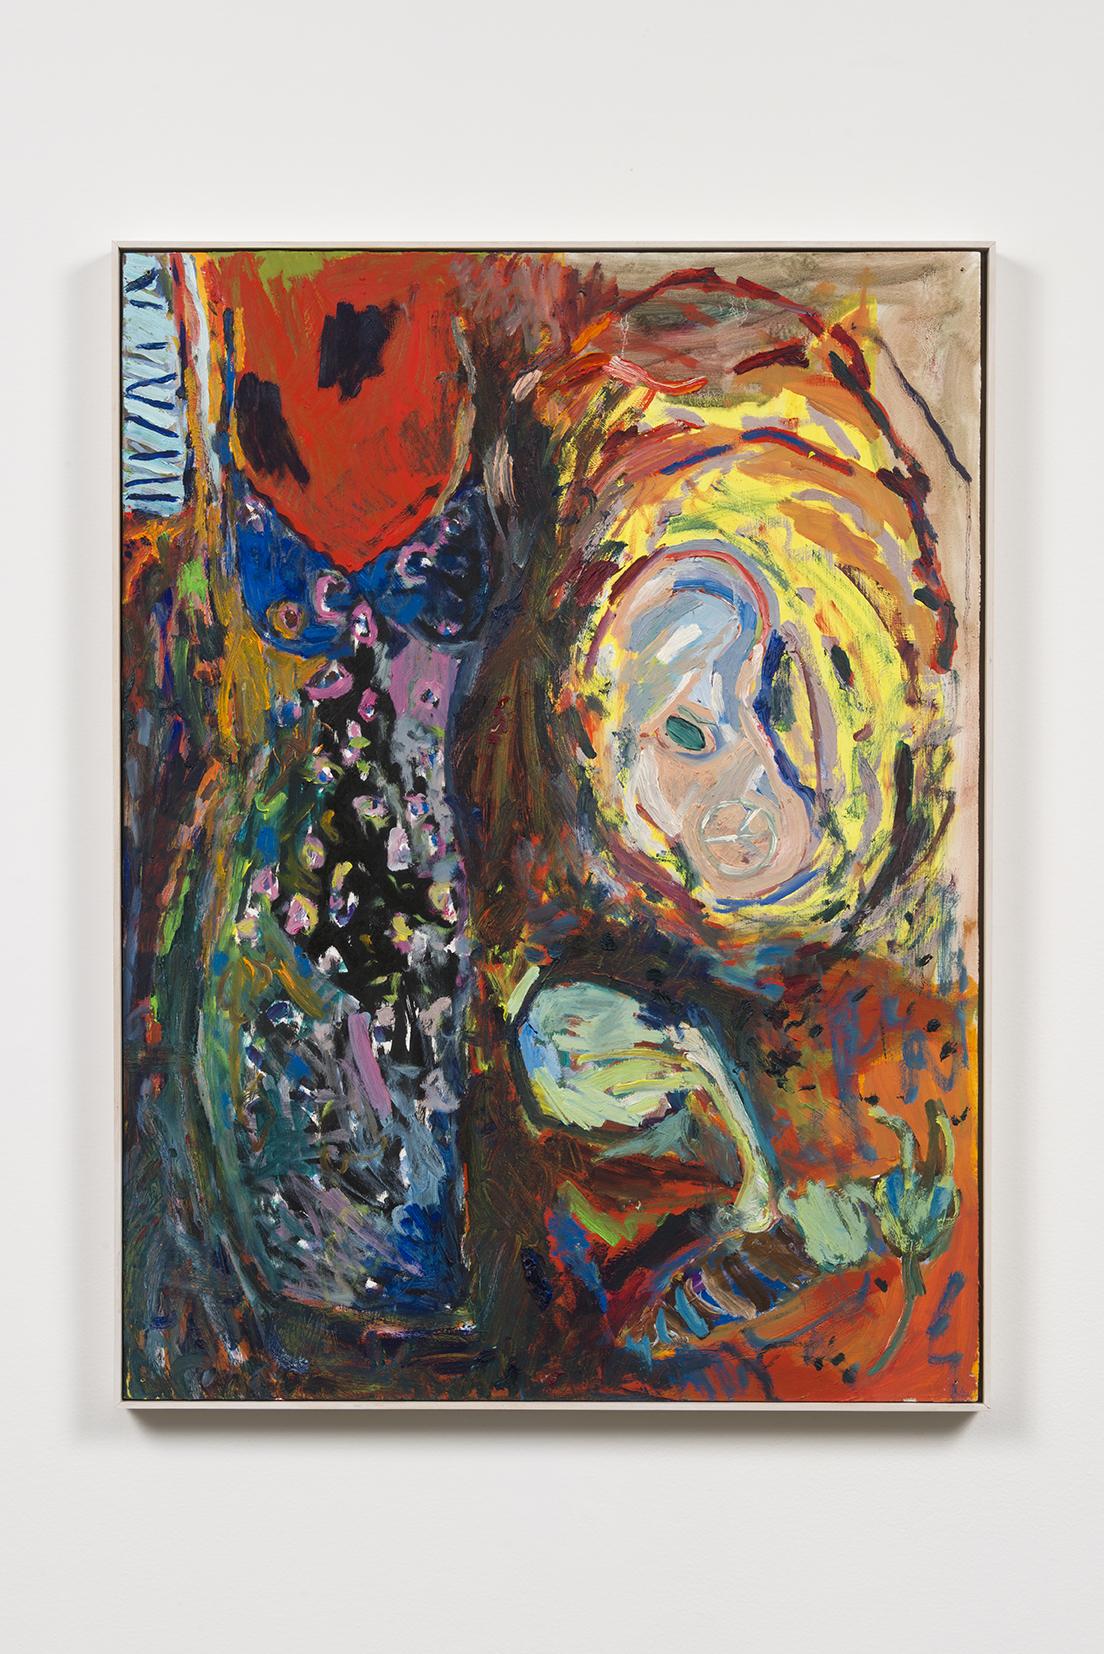 Adrianne Rubenstein - 90's Dress - 2015 - Oil on Panel - 32 1/2 x 24 1/2?